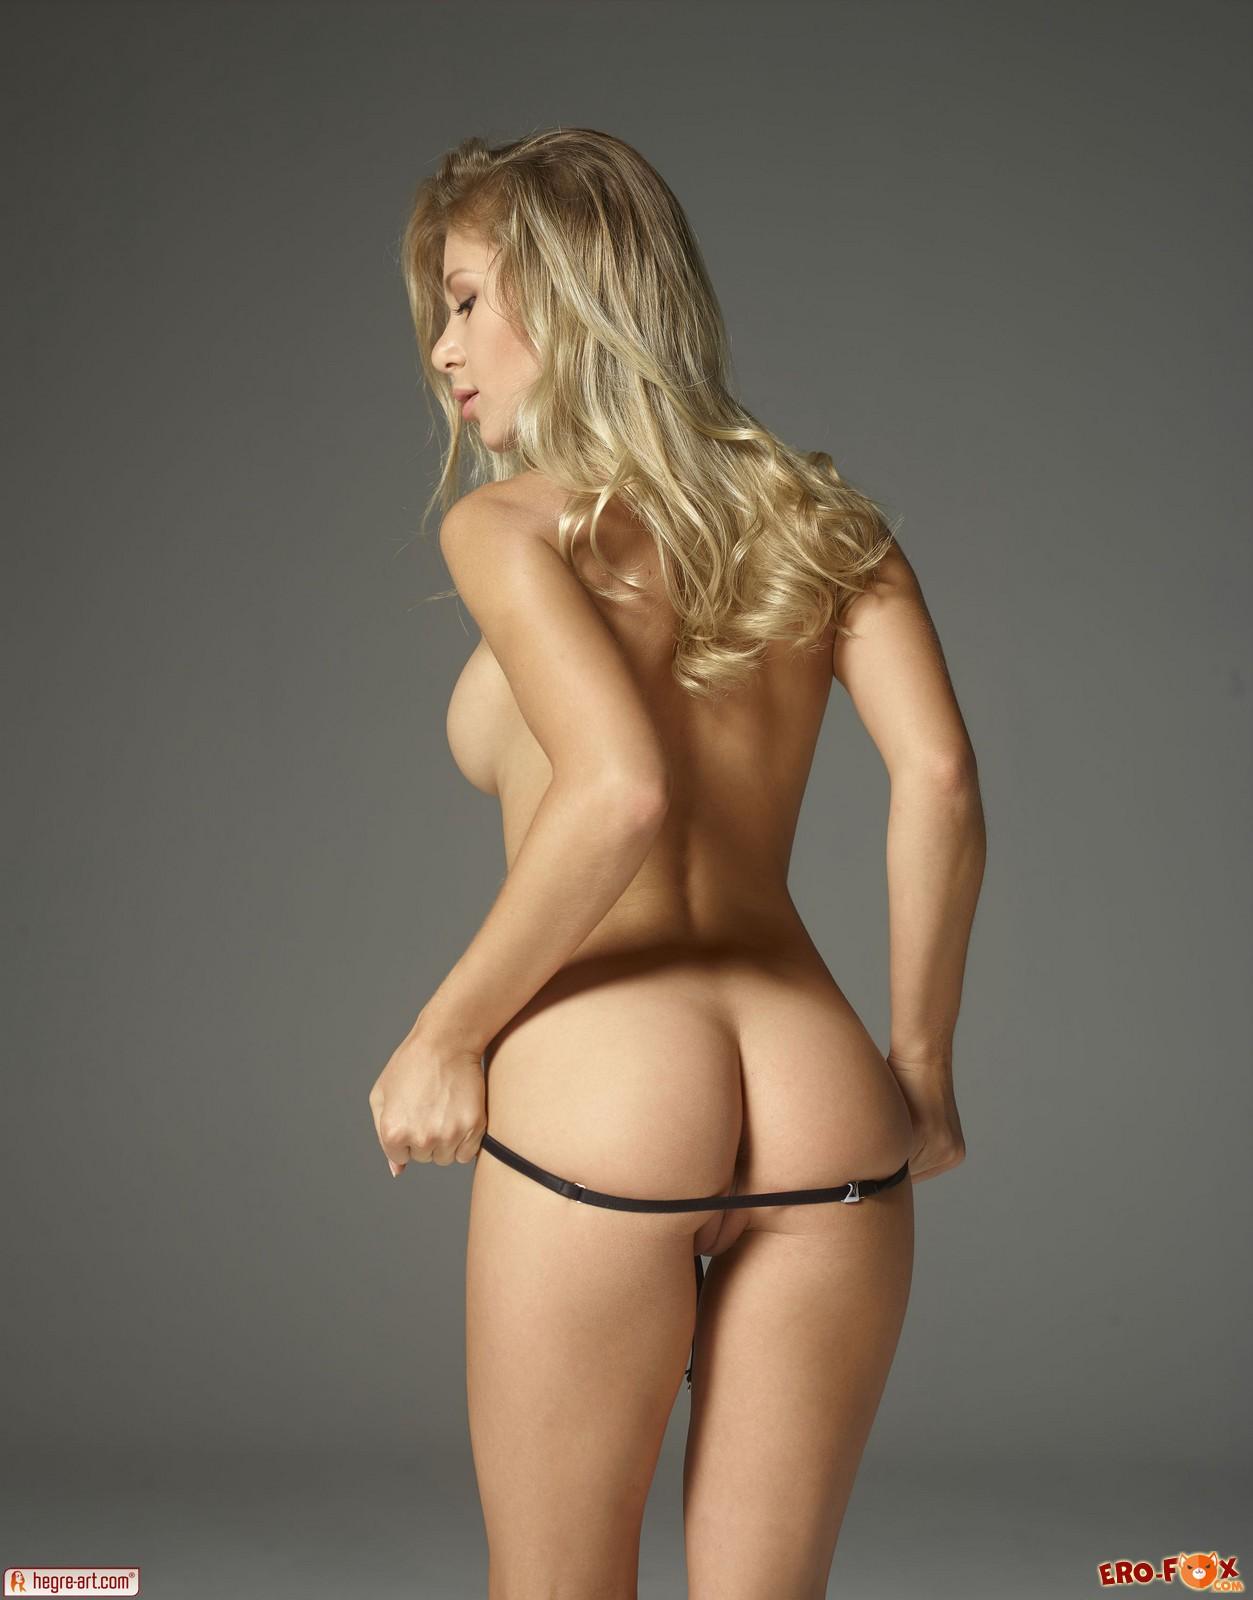 Голая блондинка с большими титьками » Эротикасмотреть лучшую фото эротику бесплатно.